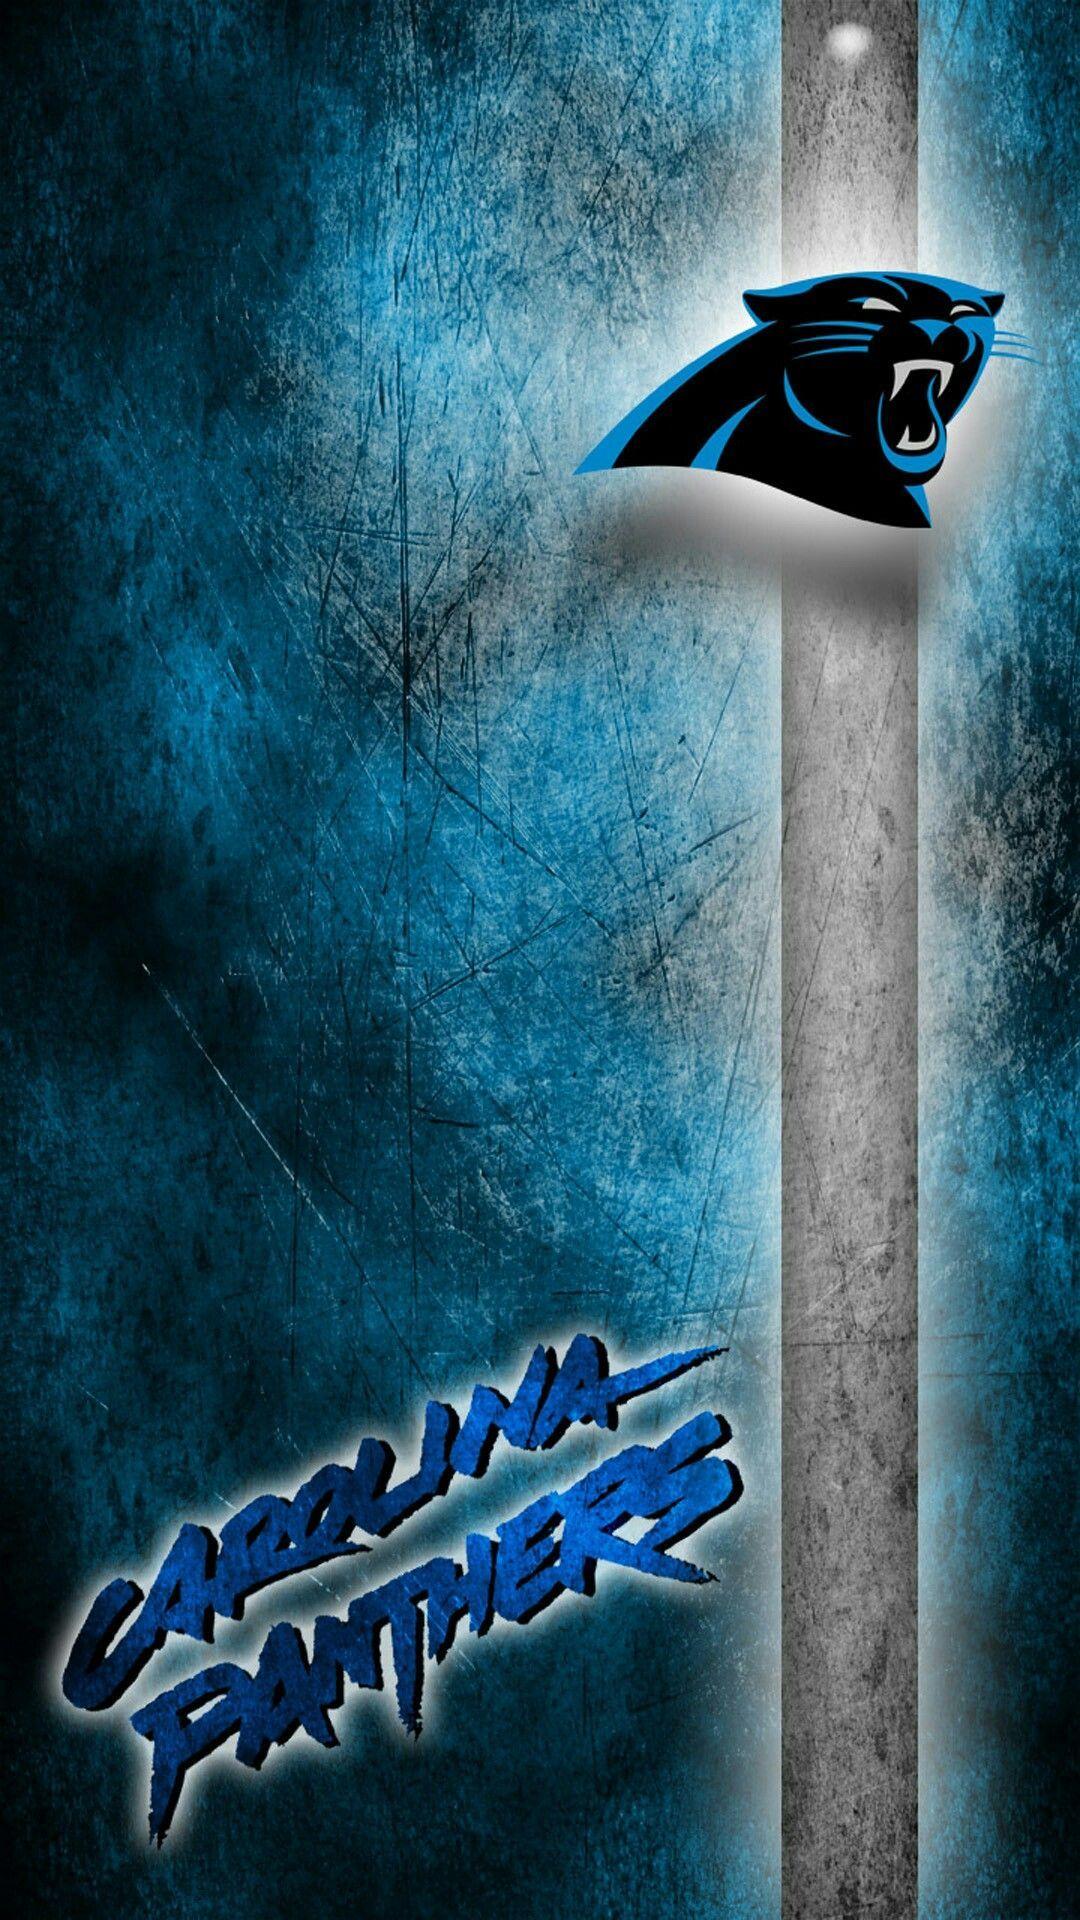 Carolina Panthers Wallpaper Ios In 2020 Carolina Panthers Wallpaper Carolina Panthers Logo Wallpapers Carolina Panthers Football